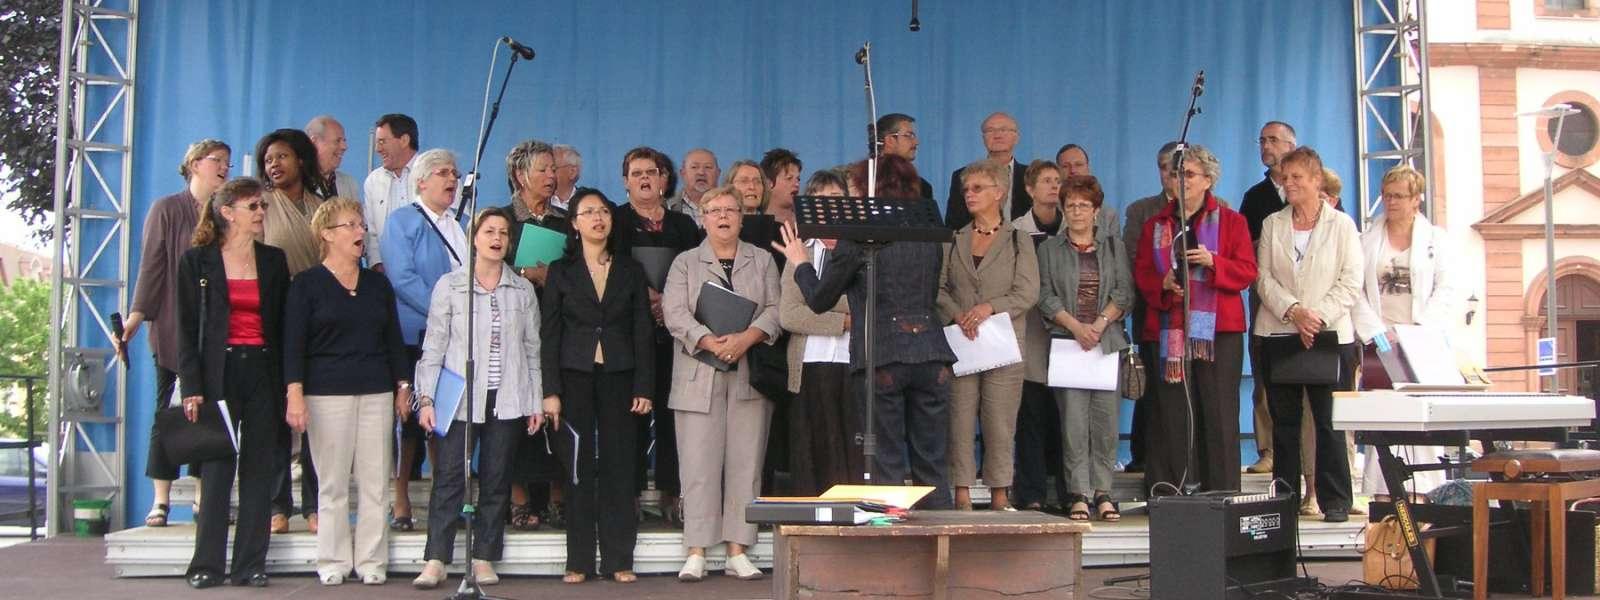 Animation de la chorale oecuménique lors de la Fête de la musique à Niederbronn-les-Bains